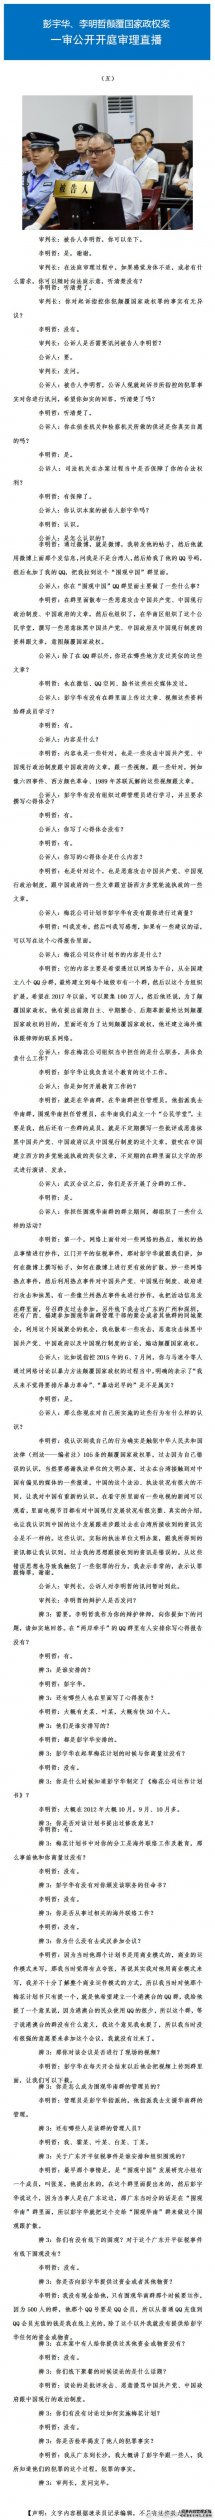 台湾李明哲是什么人在大陆干了什么简历老婆?李明哲危害国家始末